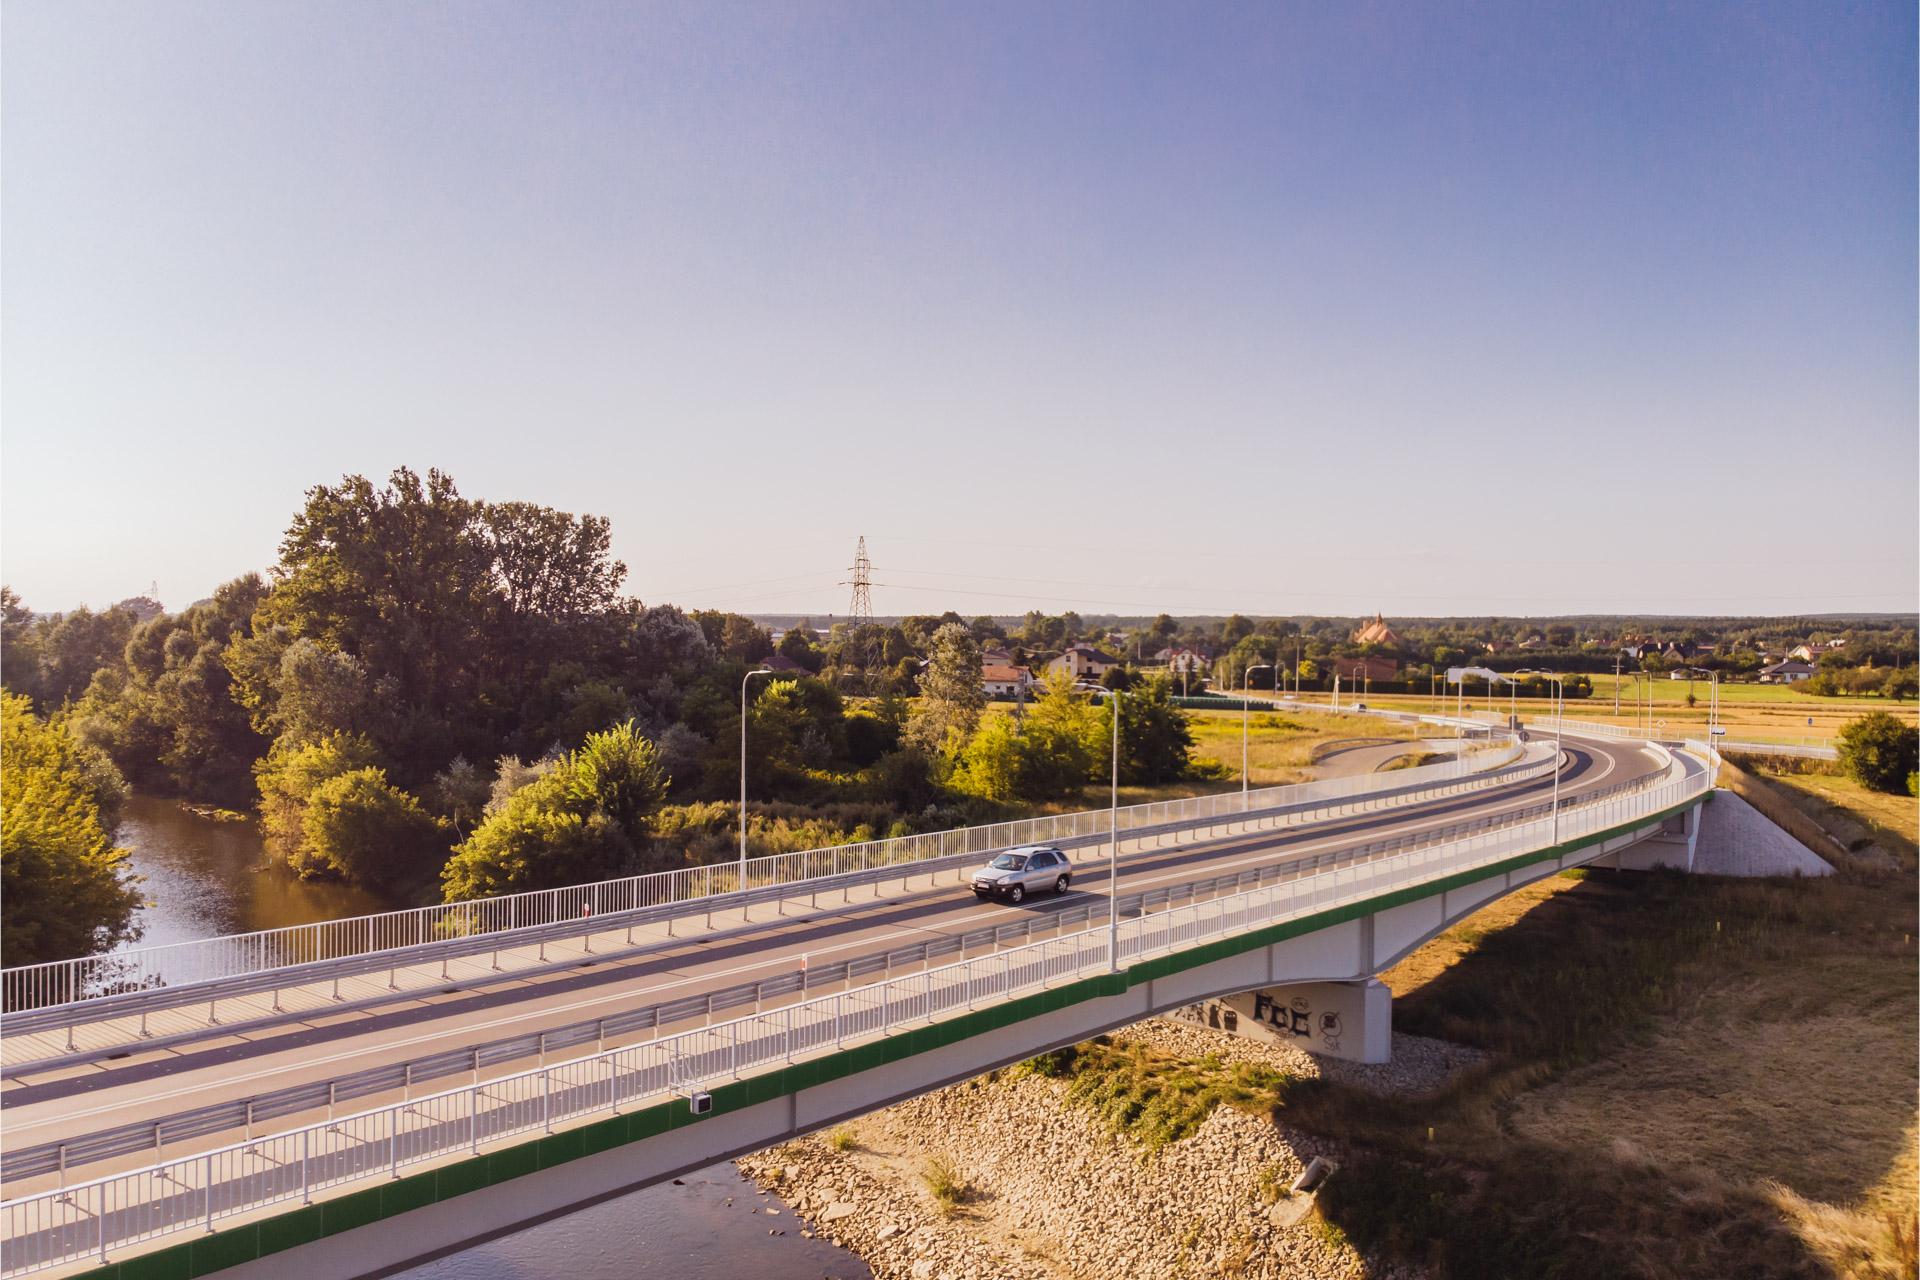 Nowo wybudowany most na Wisłoku, widok z lotu ptaka